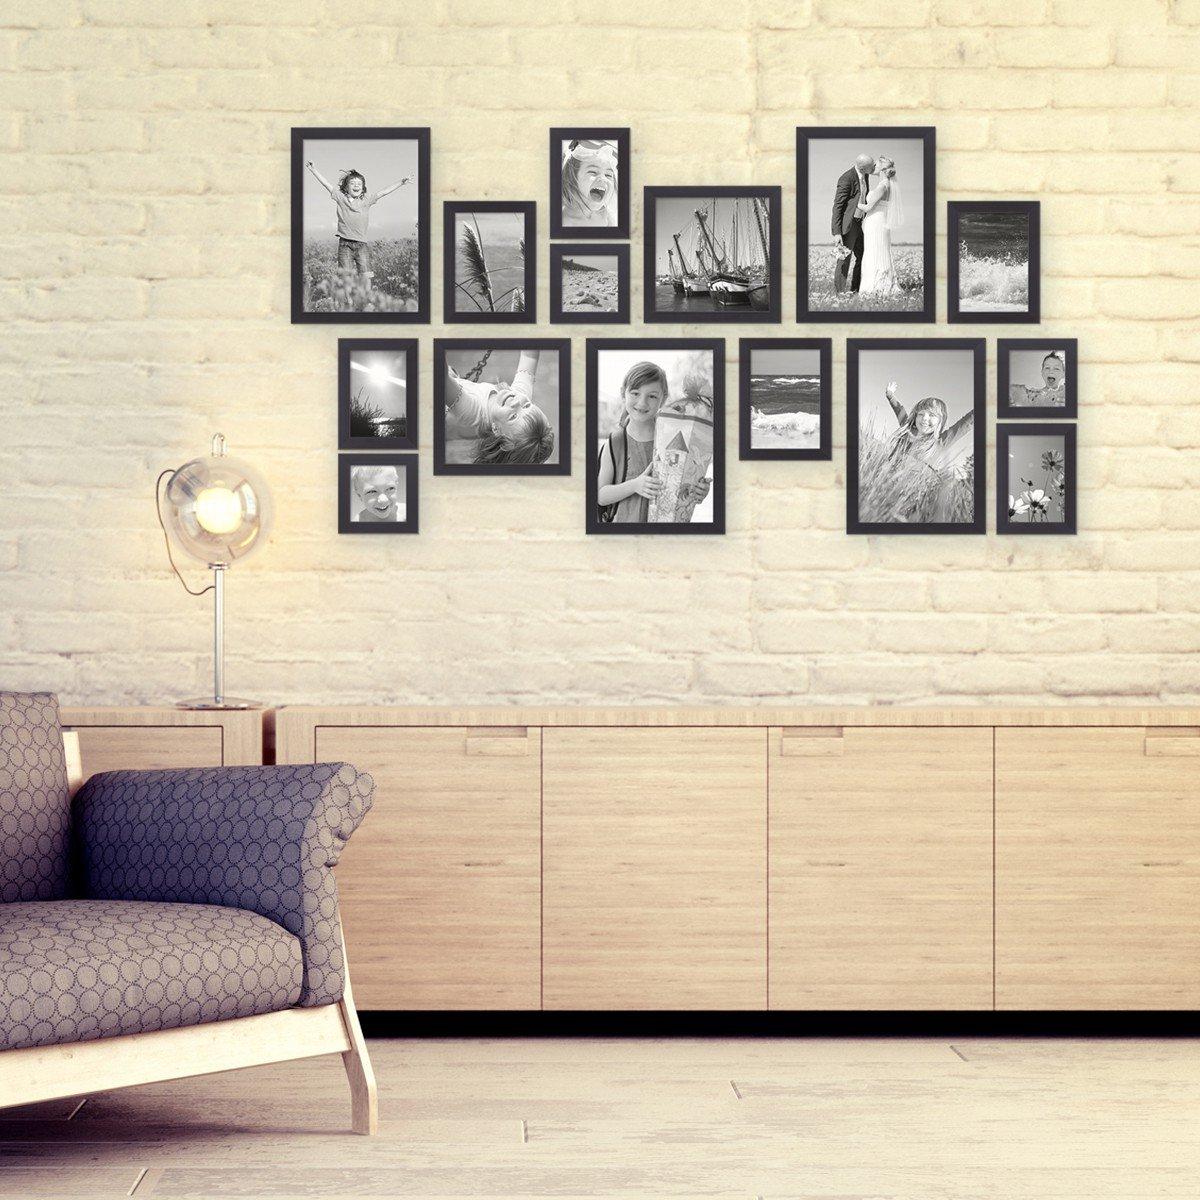 Cornici Moderne Per Foto.Set Da 15 Cornici Moderne Nere In Legno Massiccio Dimensioni 10x10